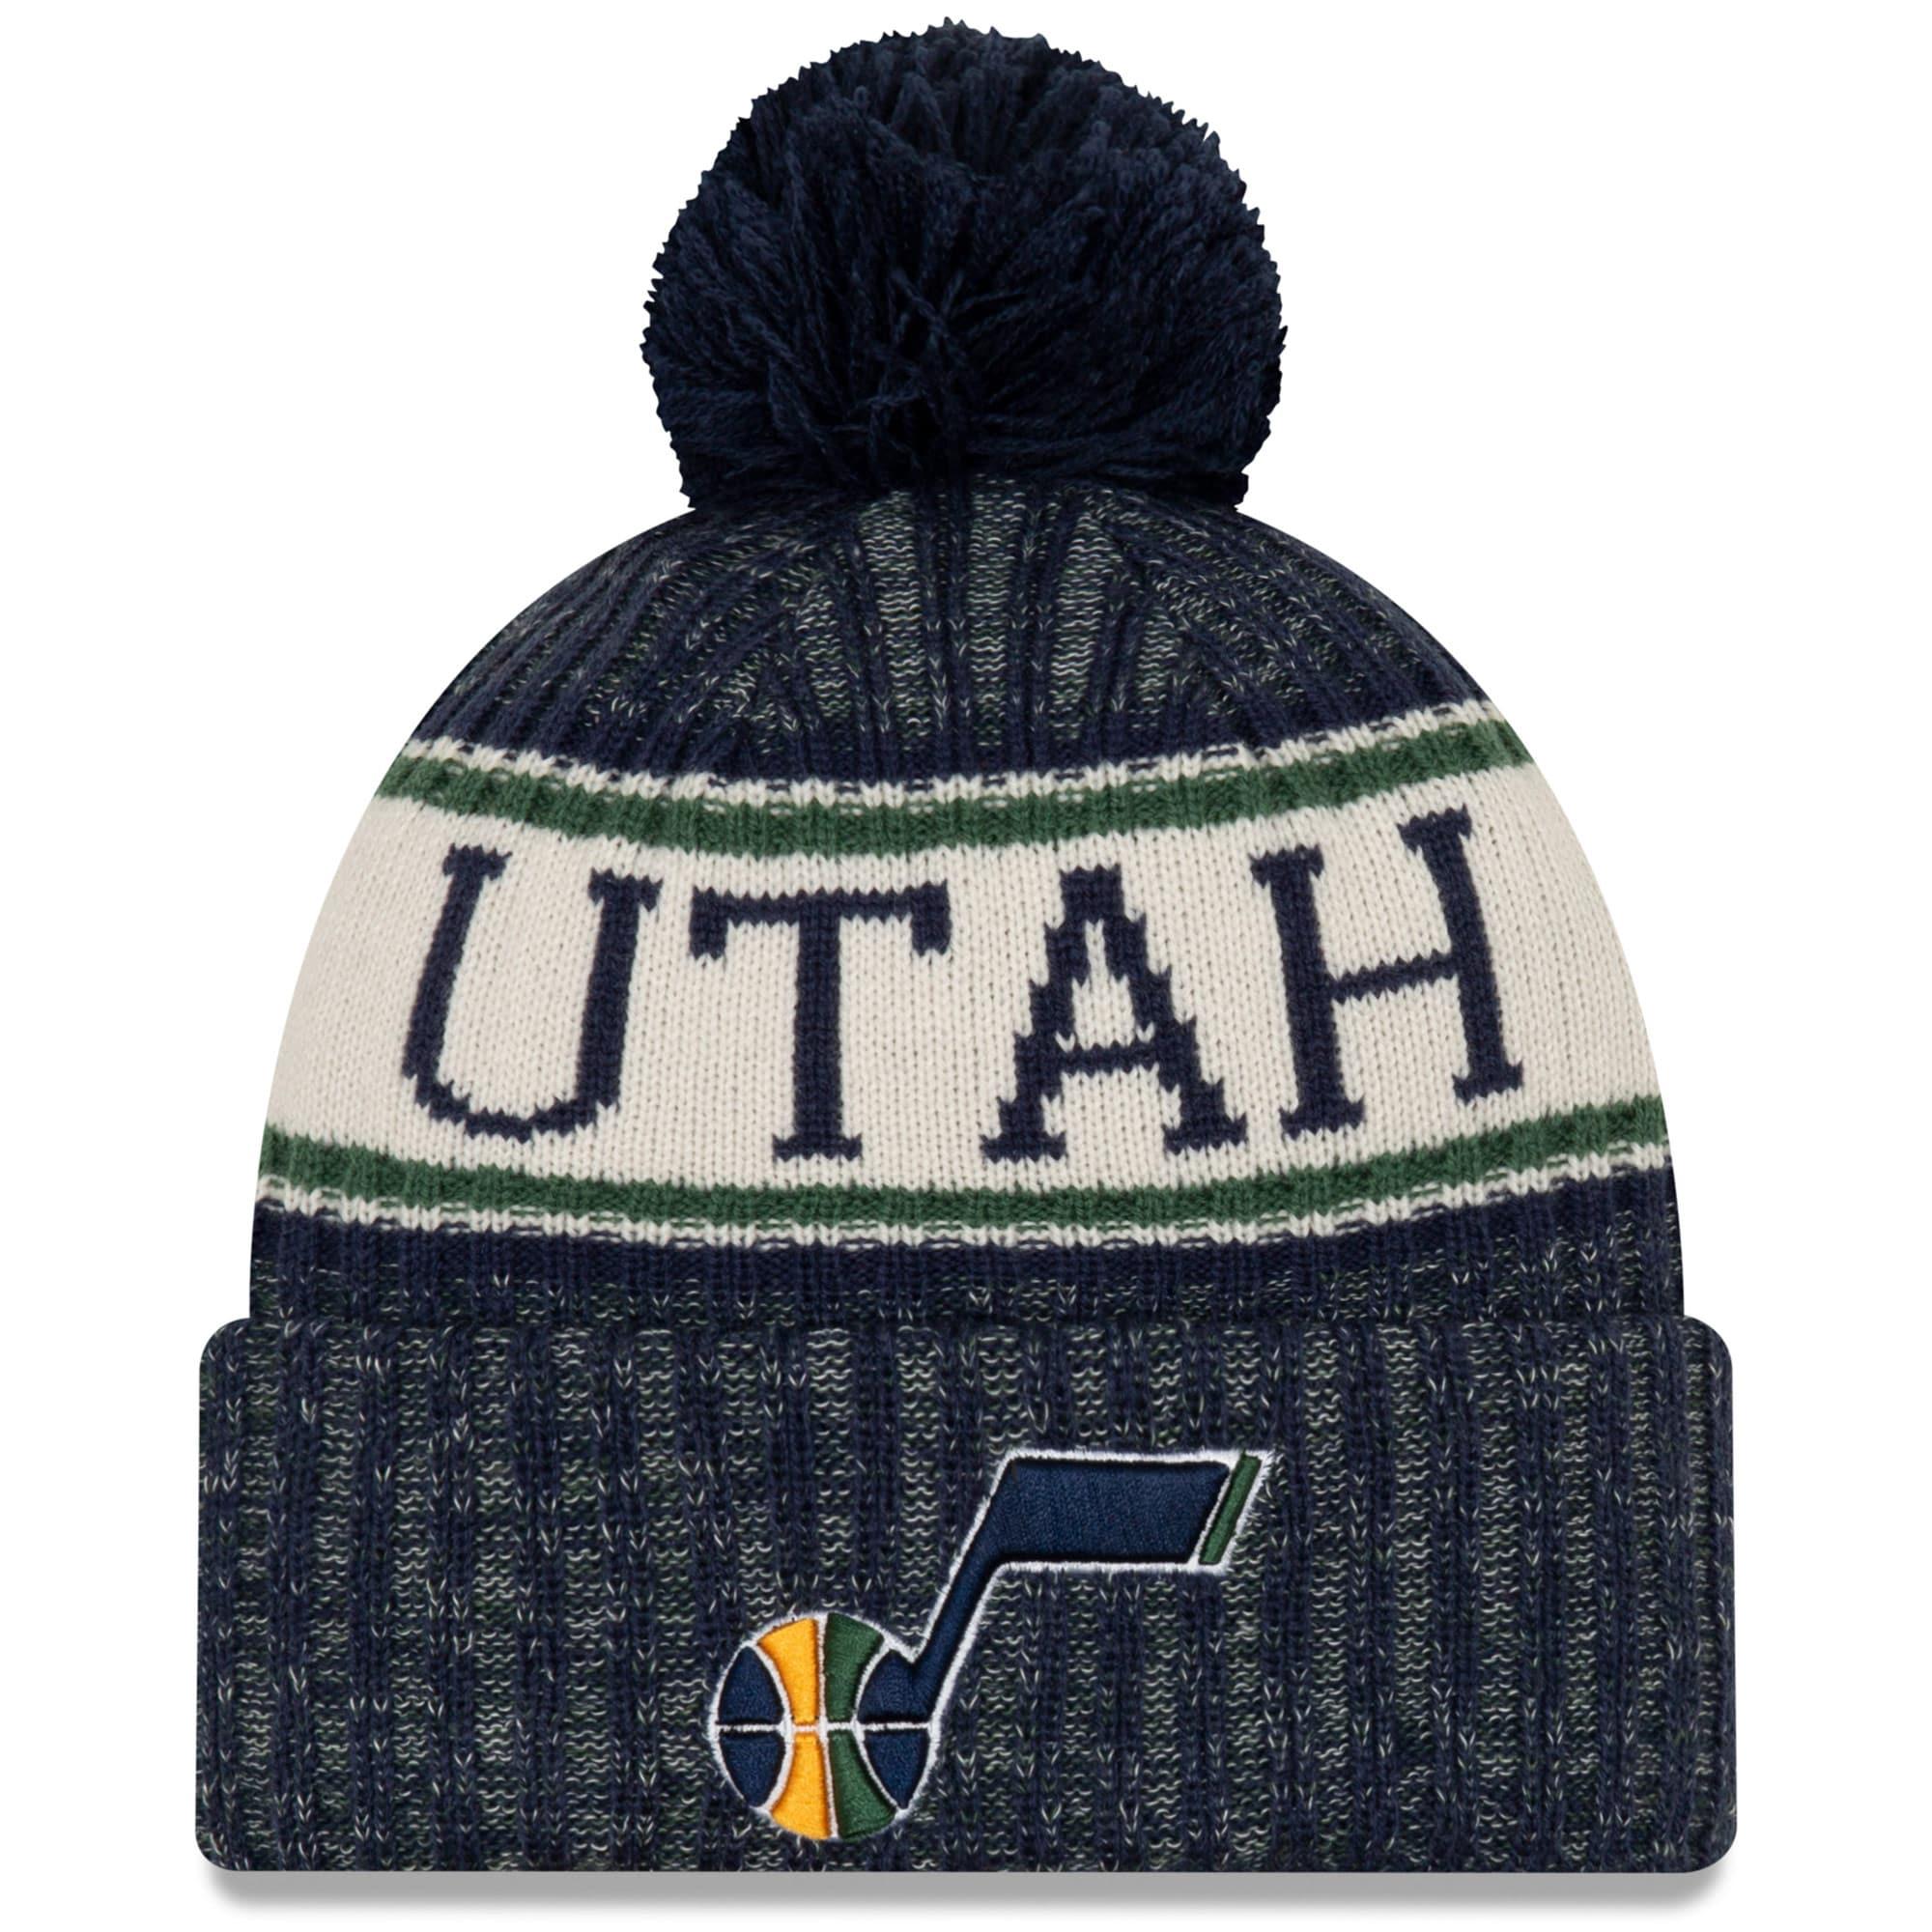 Utah Jazz New Era Sport Cuffed Knit Hat with Pom - Navy